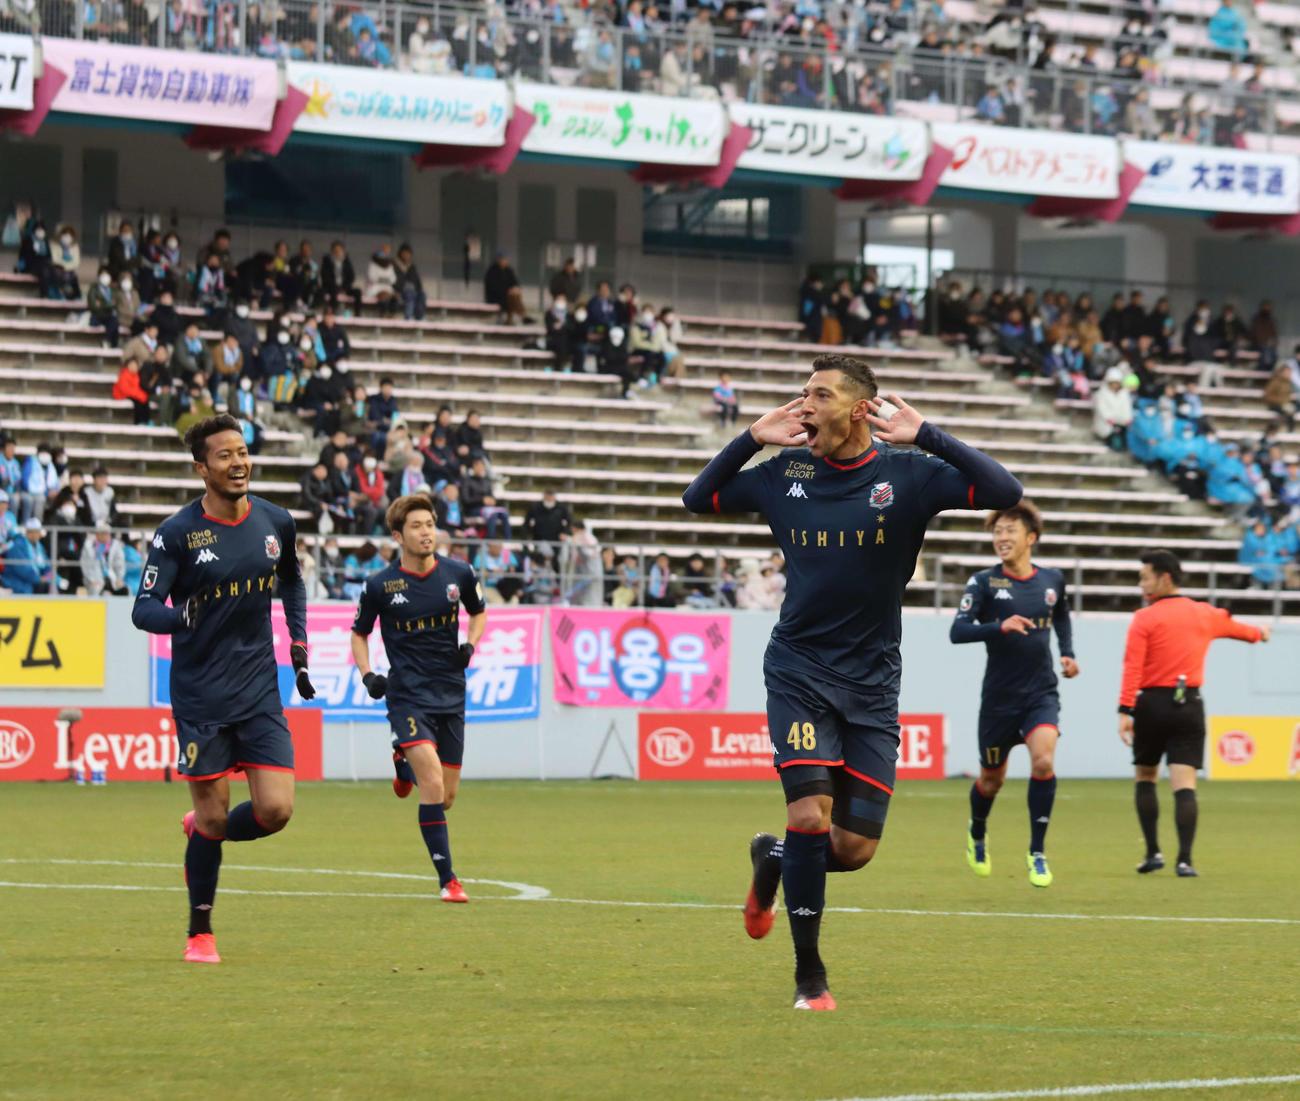 前半14分、ヘディングで先制ゴールを決めて喜ぶ札幌FWジェイ(右)。左はMF鈴木(撮影・保坂果那)